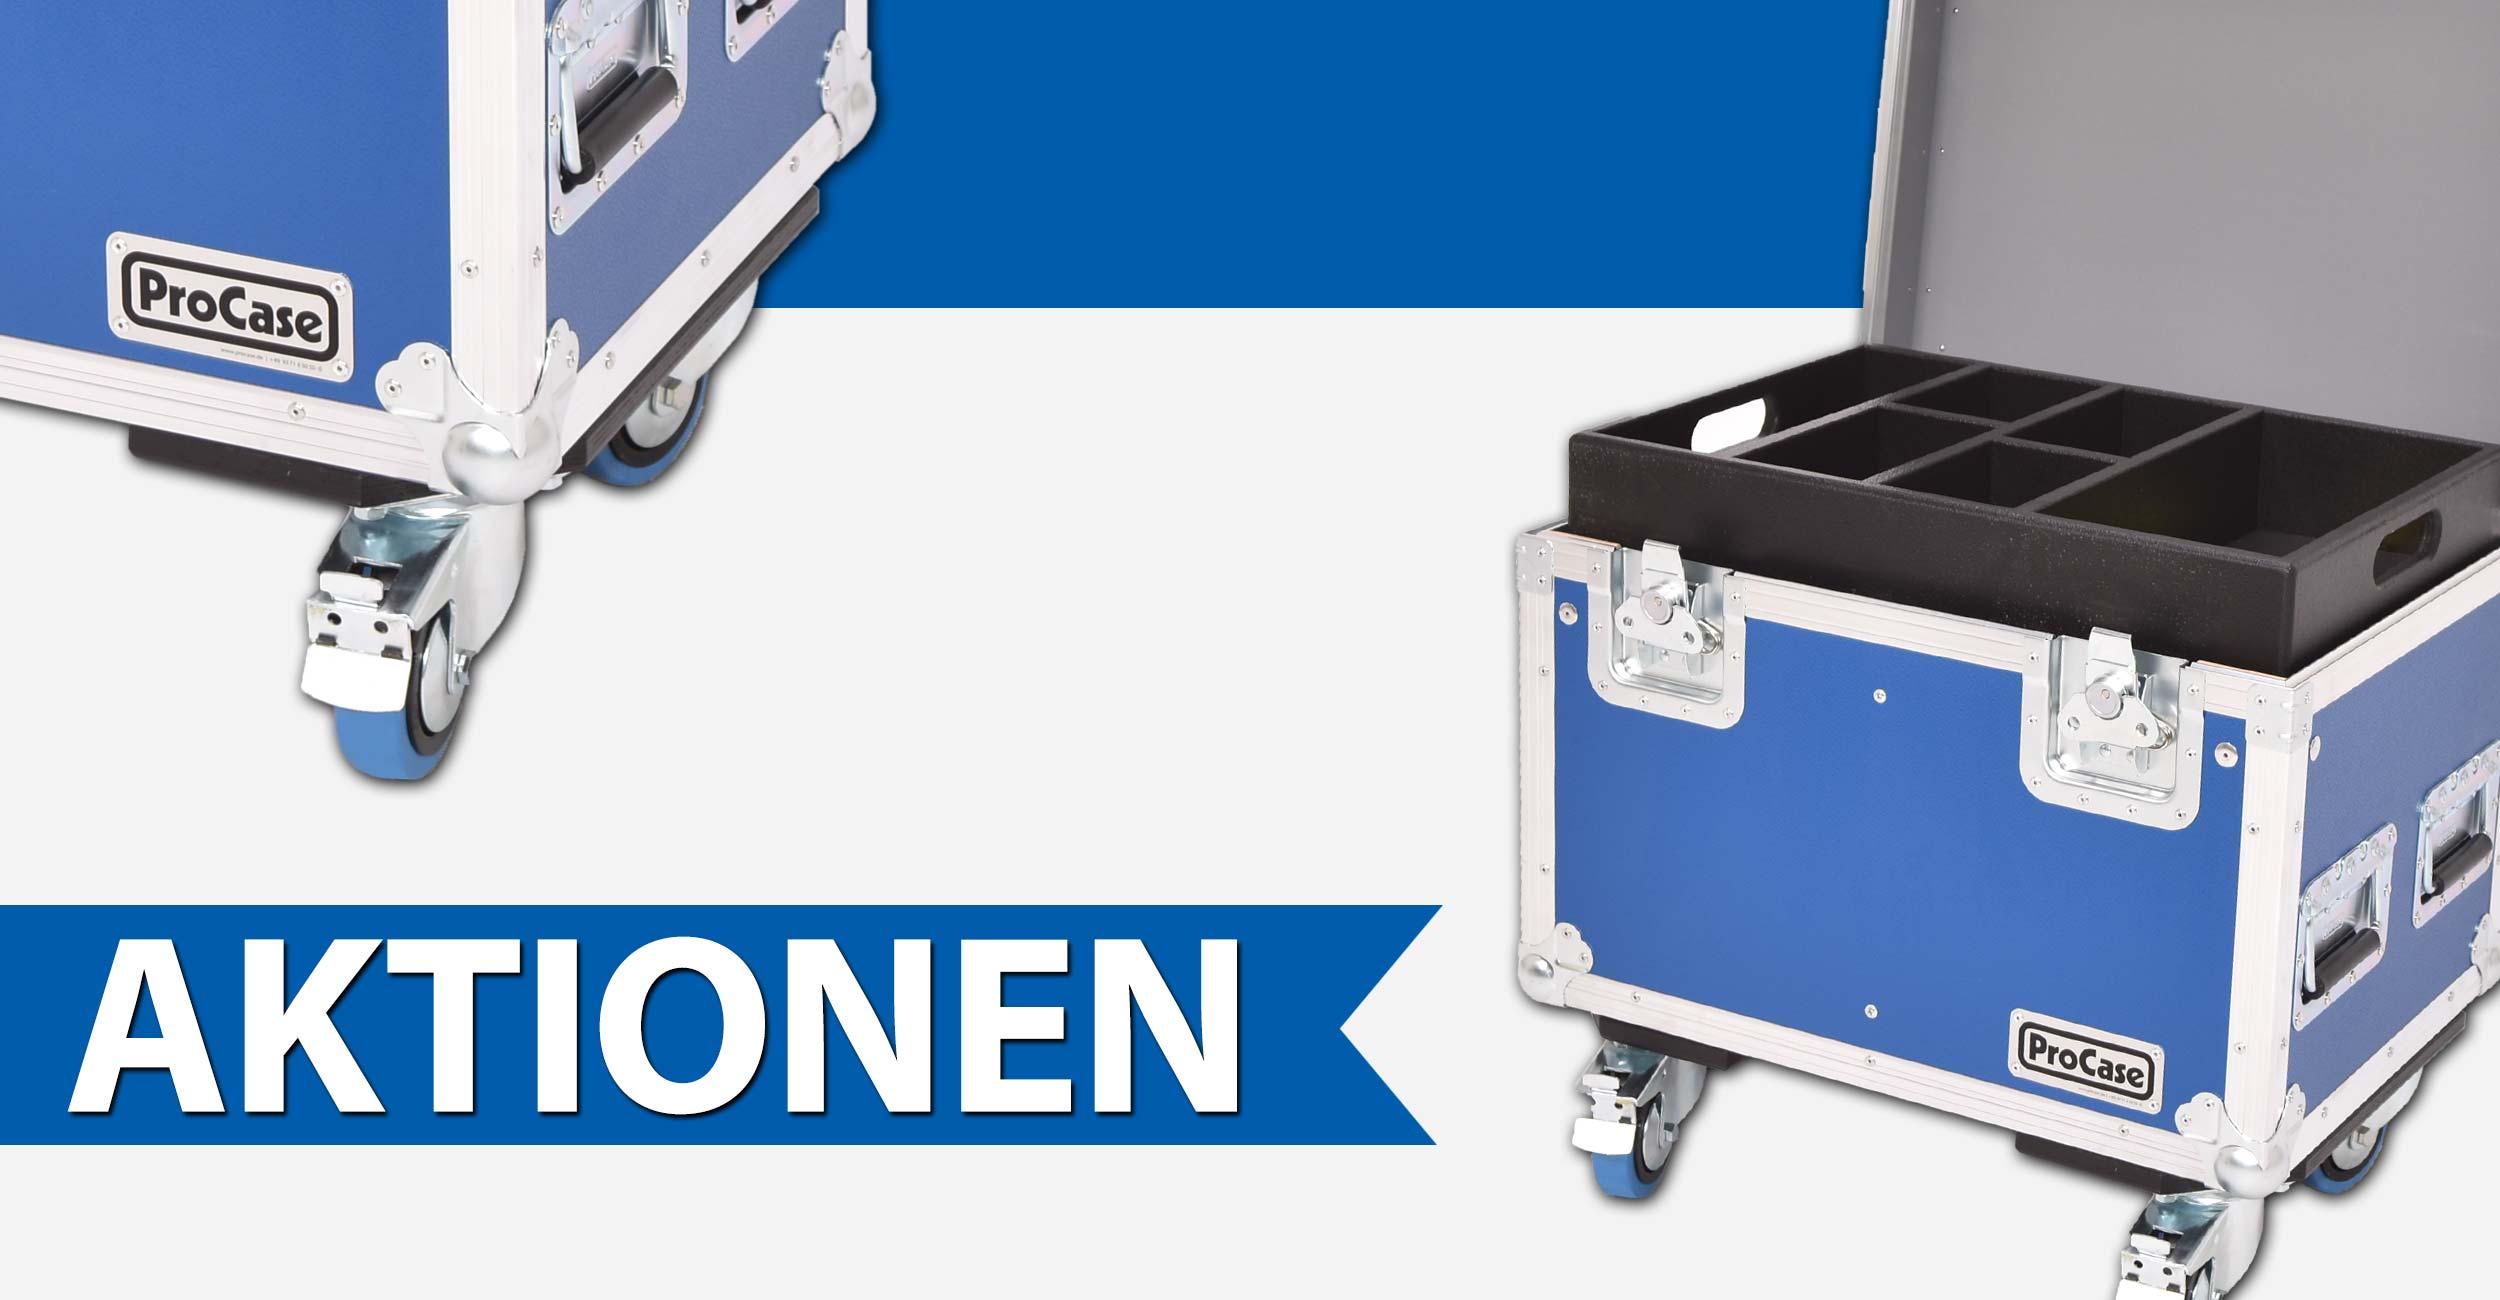 ProCase Blue Sale! Entdecke unsere Aktionsangebote für unsere PackTruhe, das Rigging-Tool-Case und das Stativ bzw. Hardware-Case